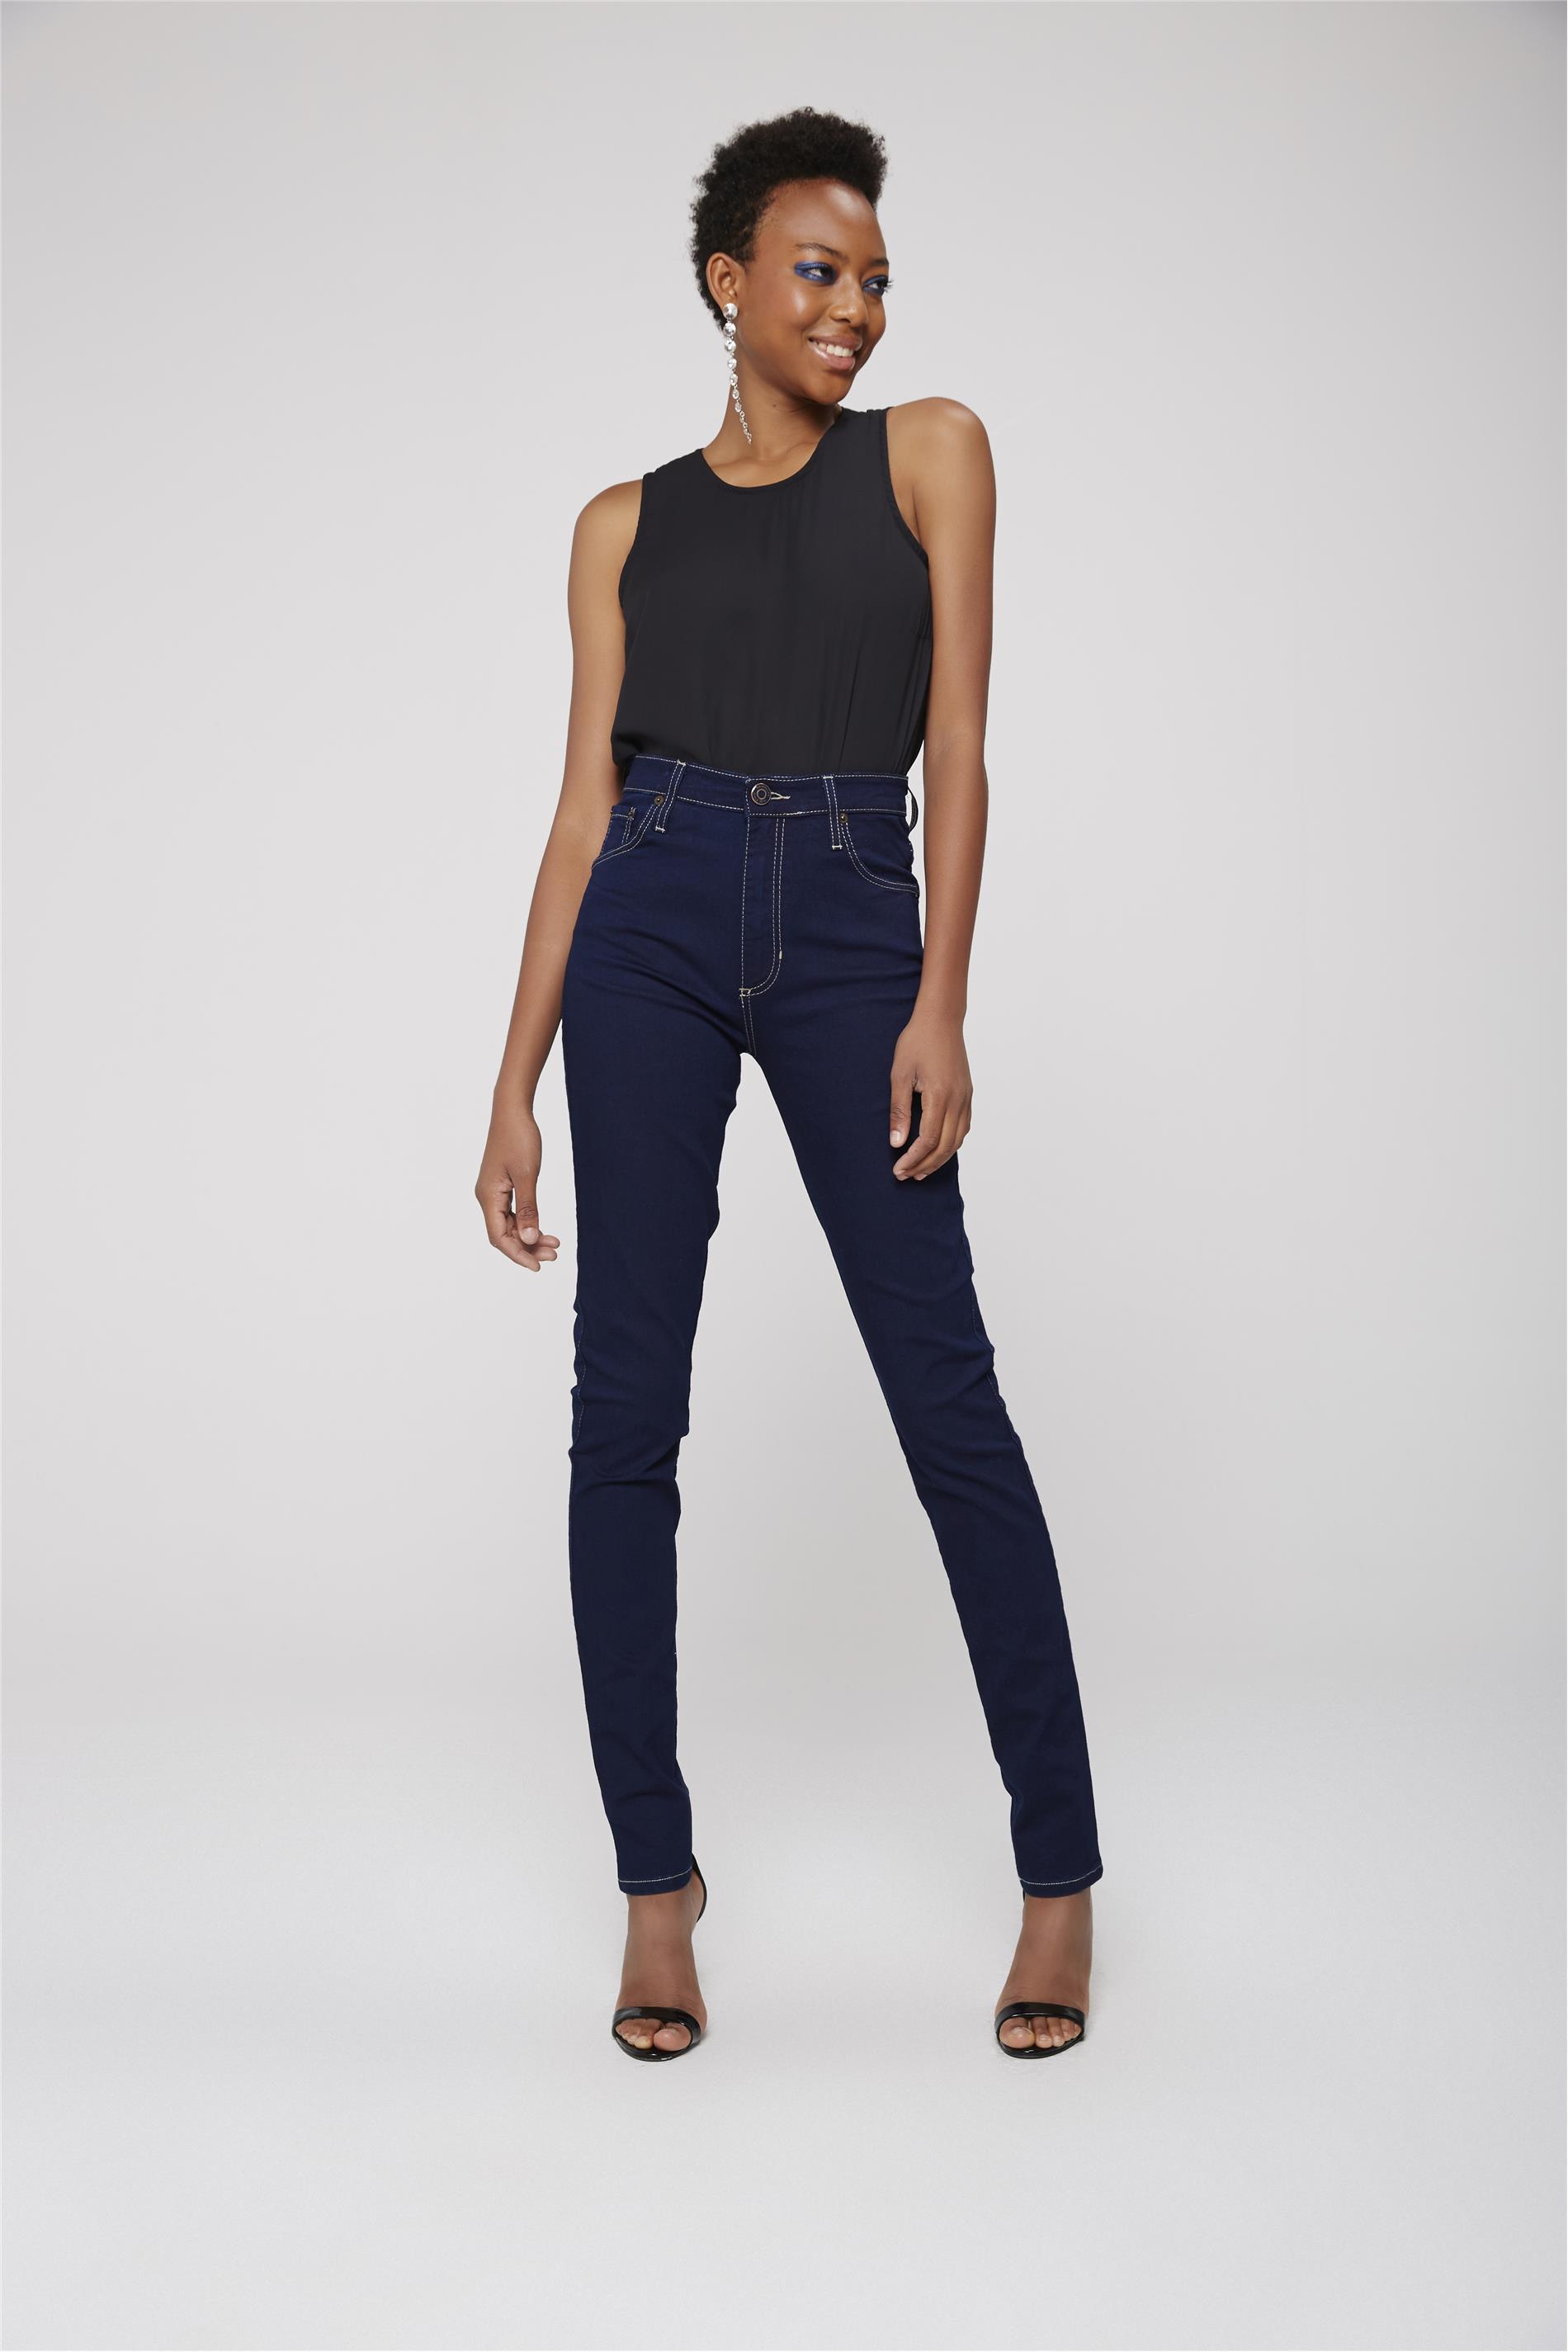 a20ca7d45b3c Calça Jegging Jeans de Cintura Altíssima - Damyller